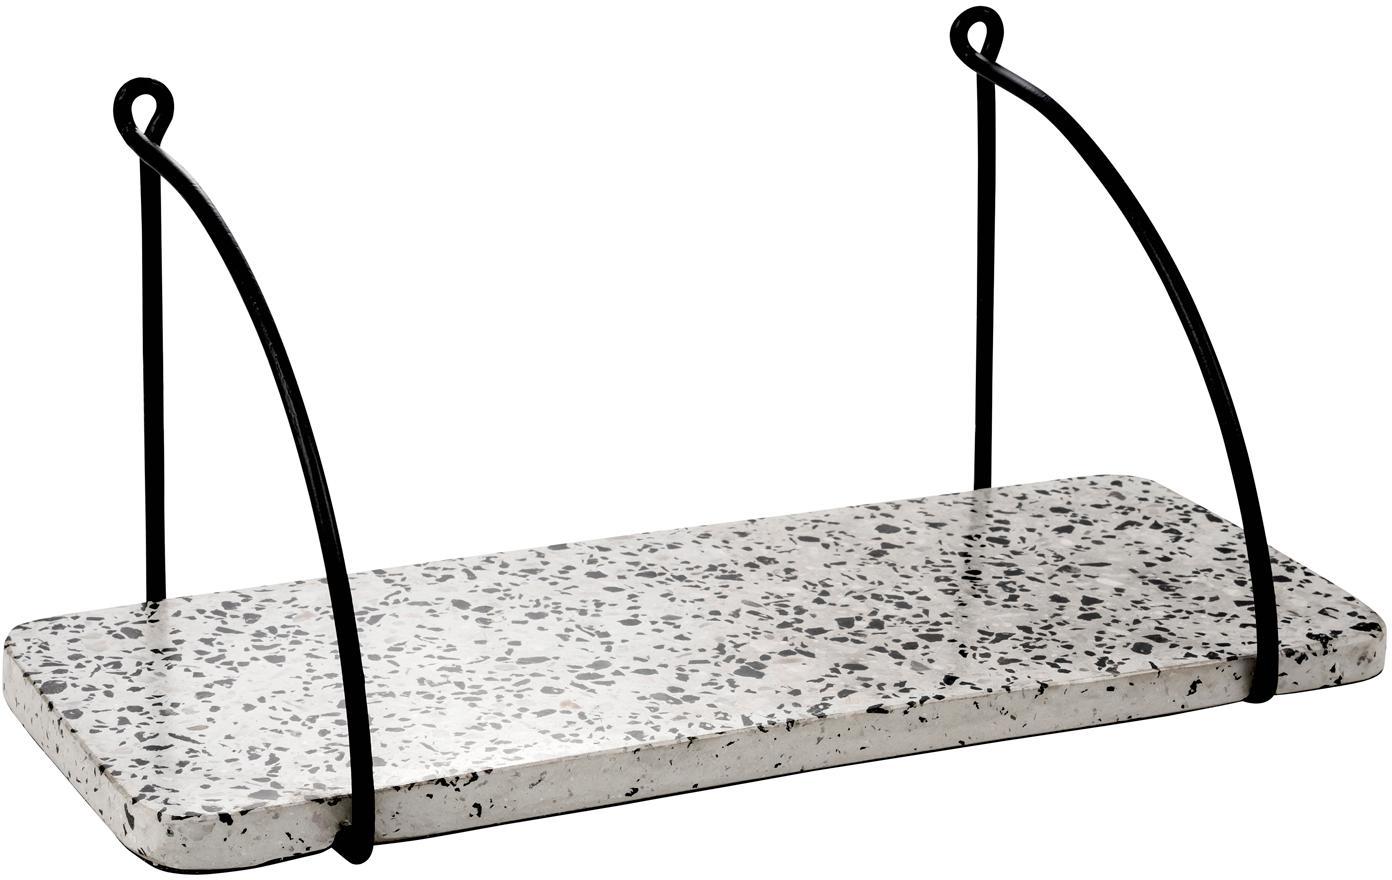 Terrazzo wandplank Porter, Plank: terrazzo, Houder: gelakt metaal, Wit, grijstinten, zwart, 40 x 18 cm